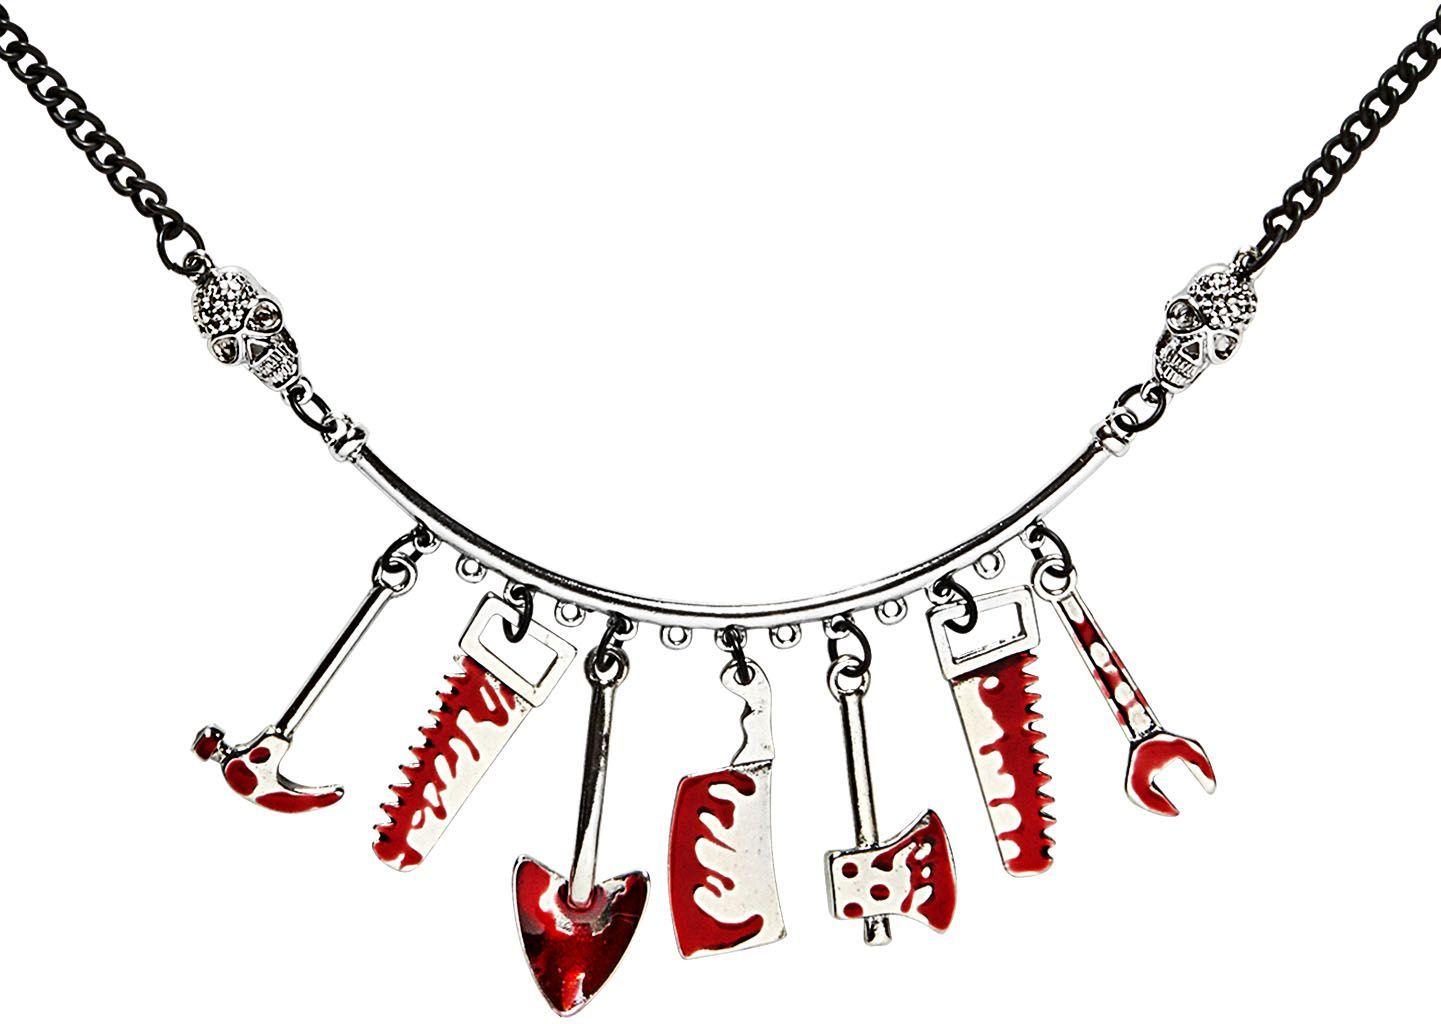 Bloed ketting gereedschap halloween